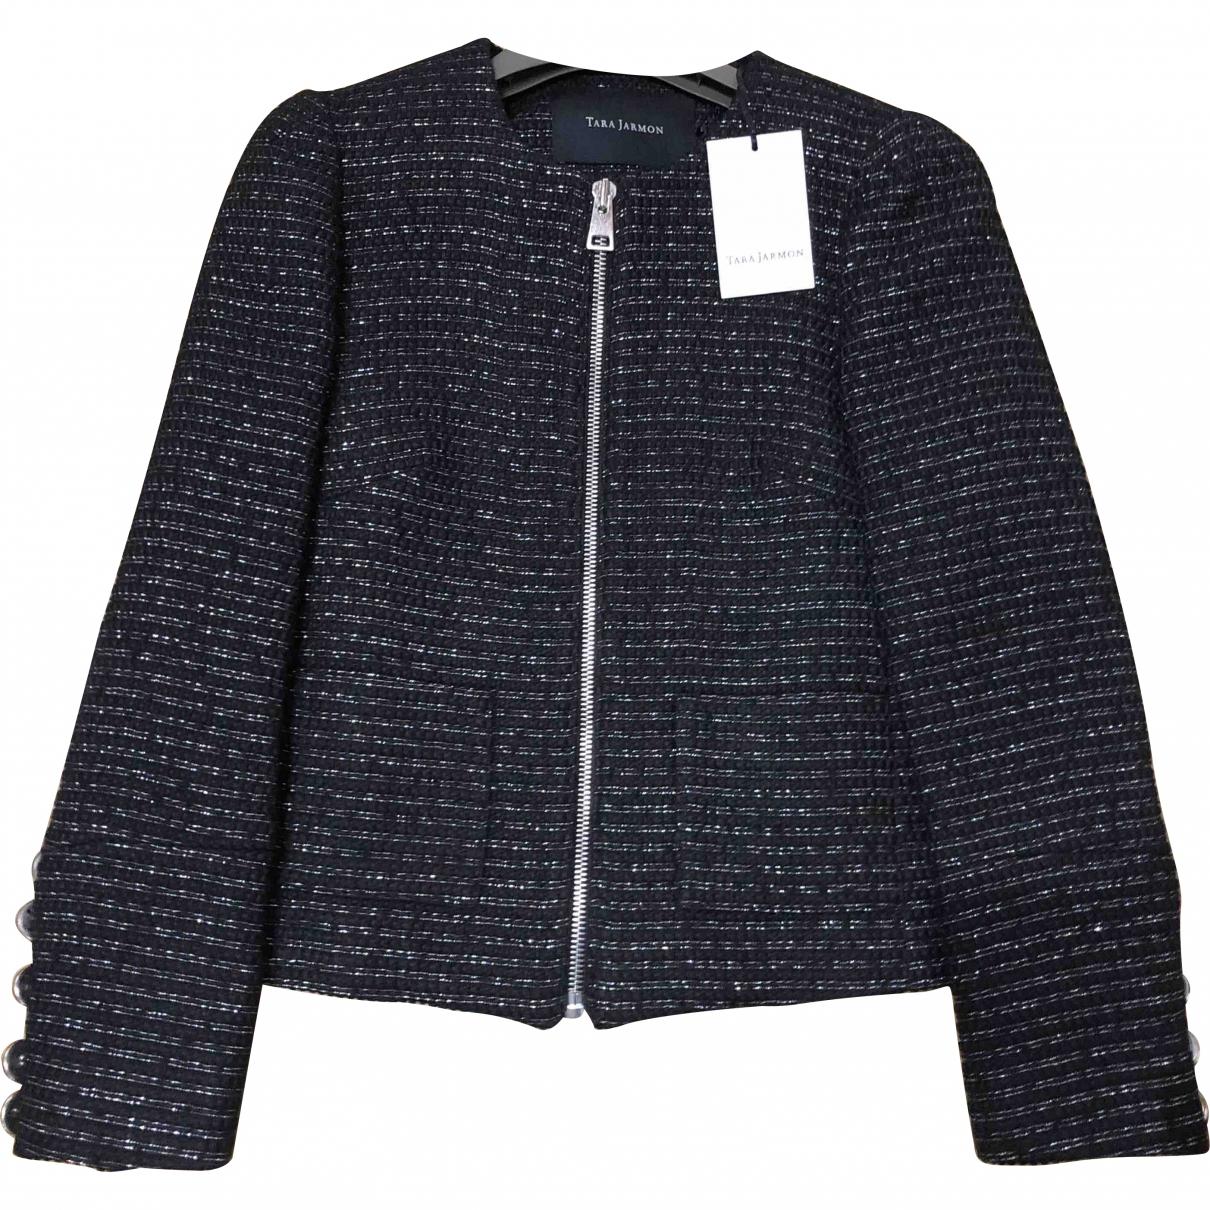 Tara Jarmon \N Wool jacket for Women 38 FR